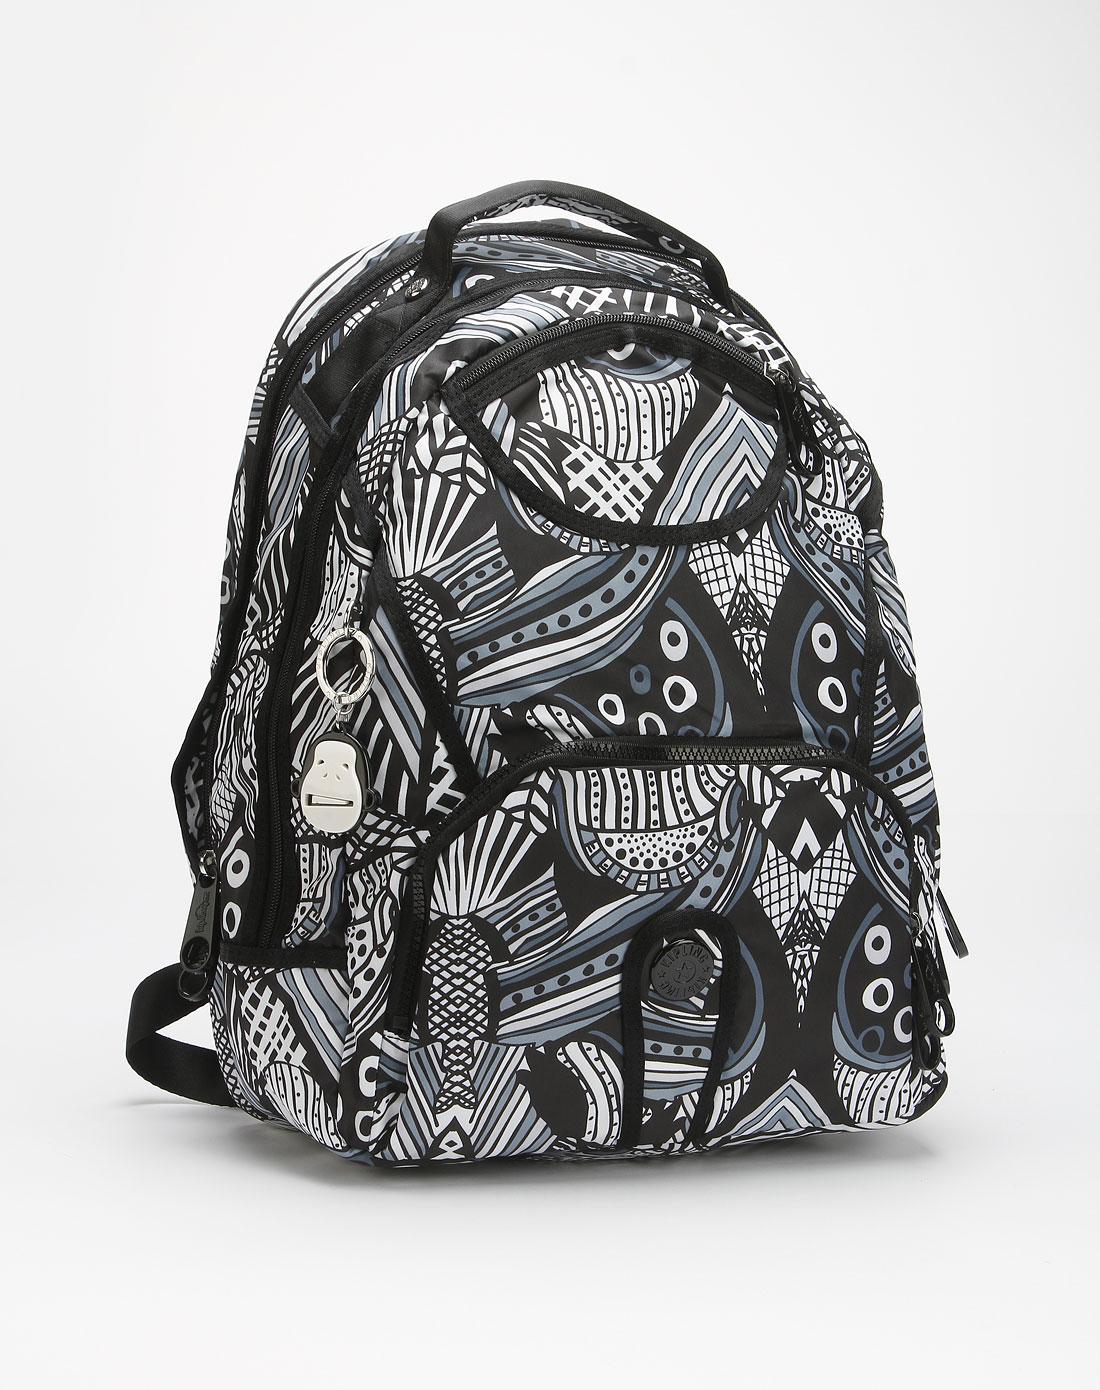 黑白色印花时尚背包